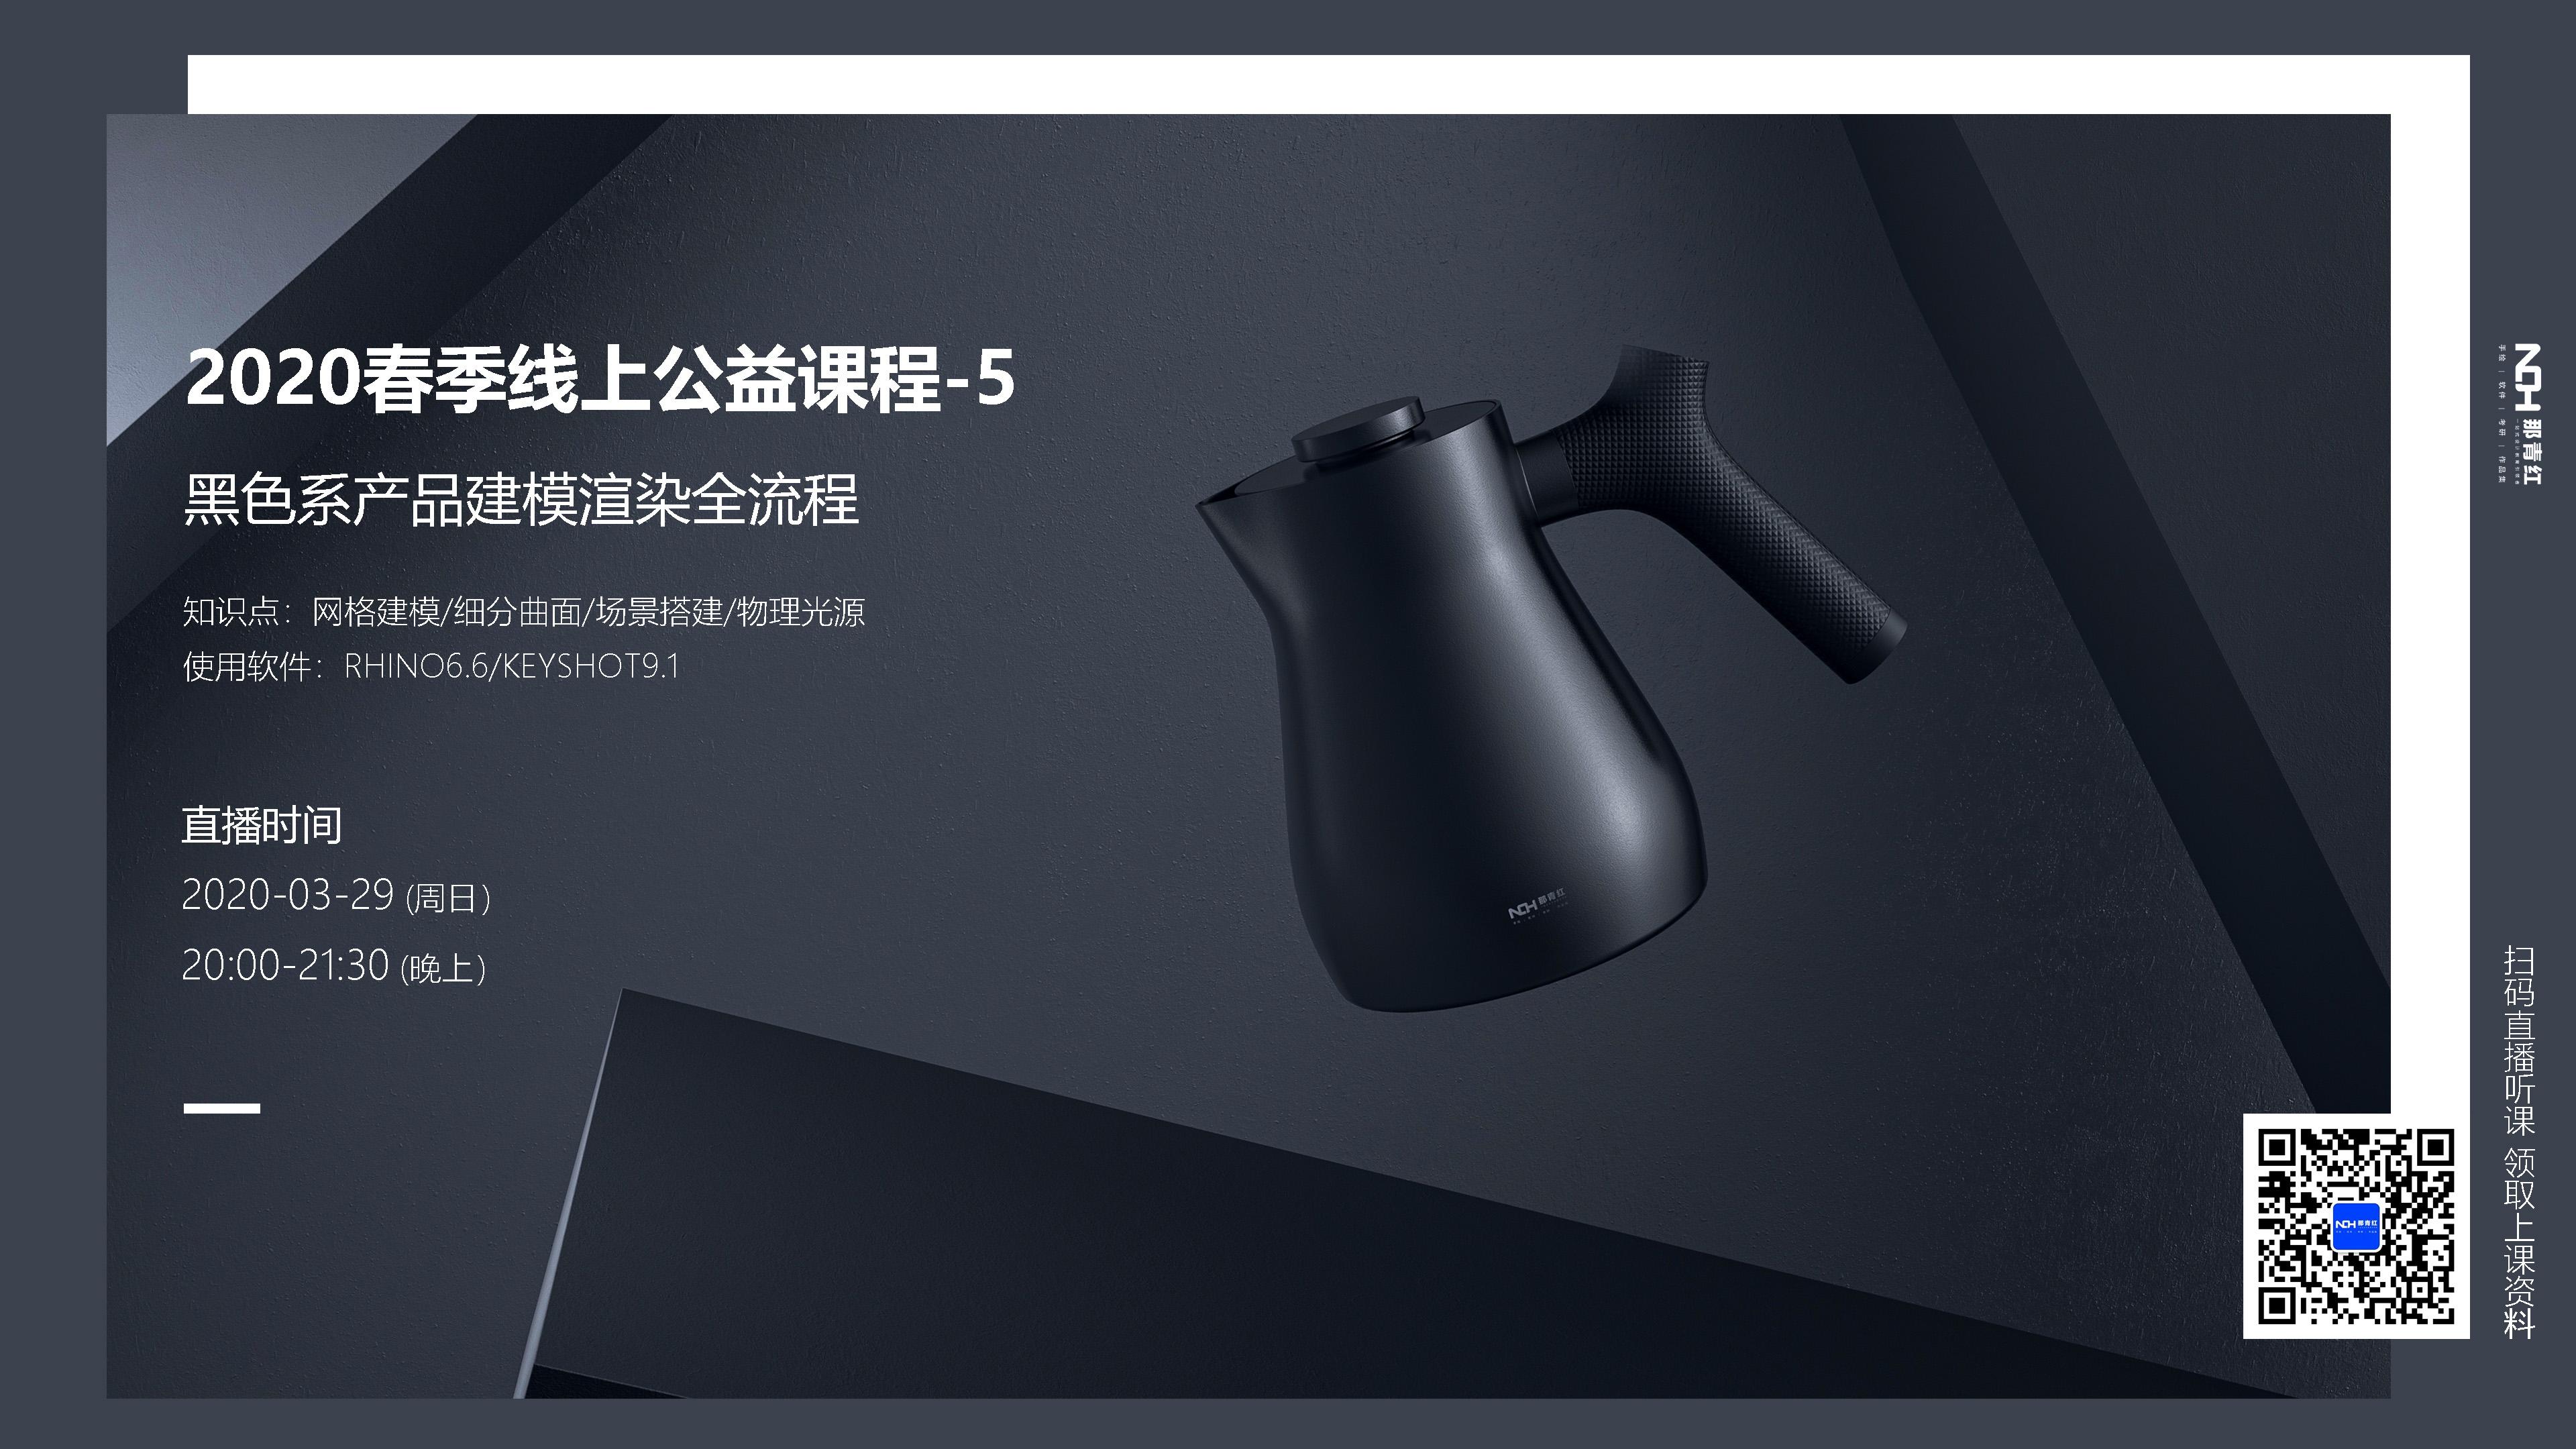 九阳黑色产品建模+渲染-Rhino犀牛建模/Keyshot产品渲染